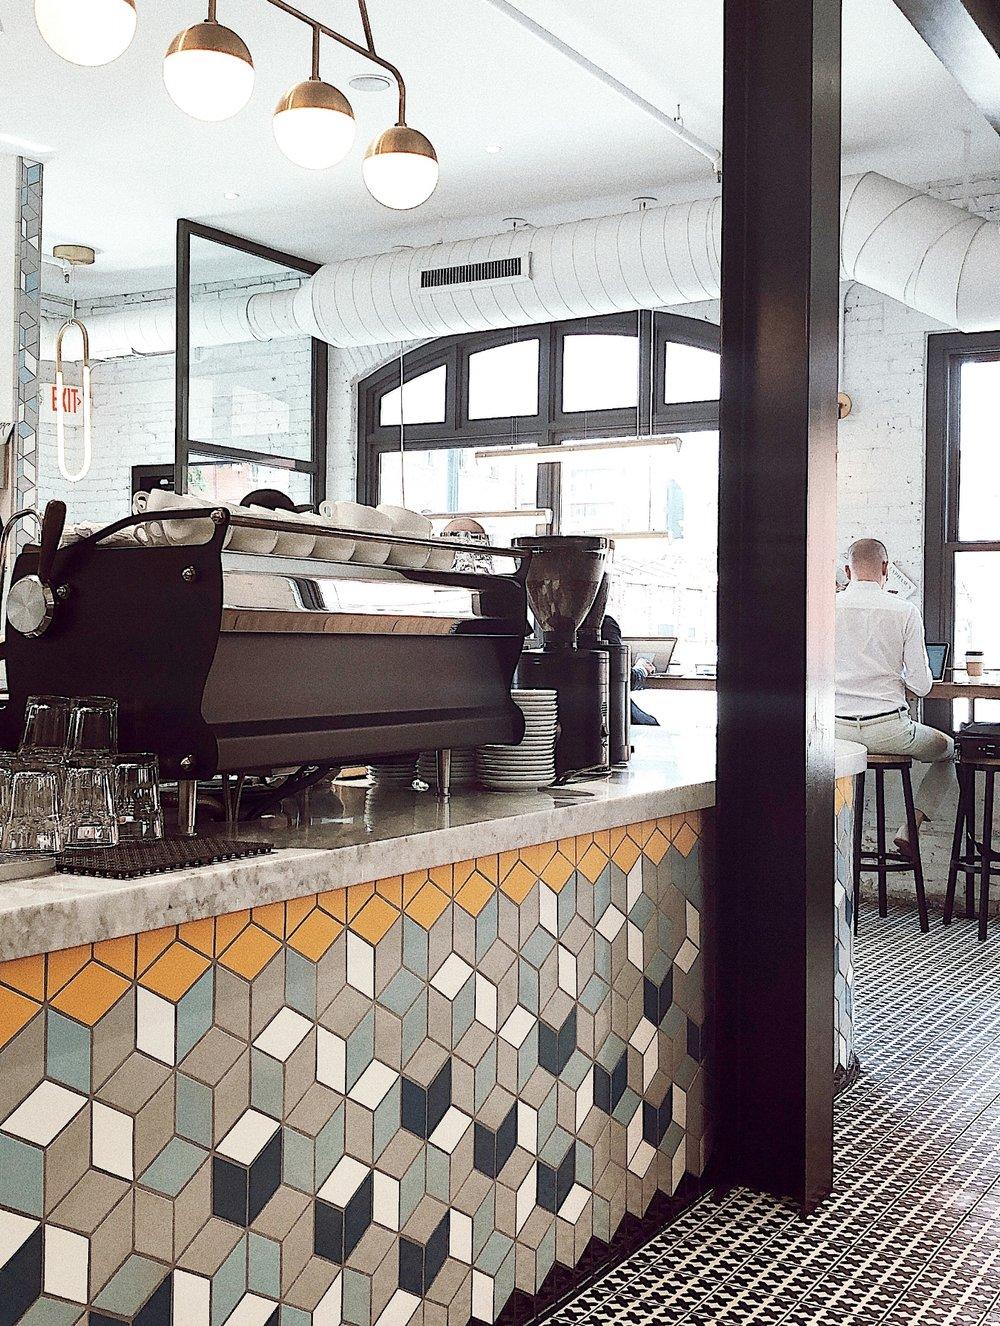 The Bachelor Farmer Cafe